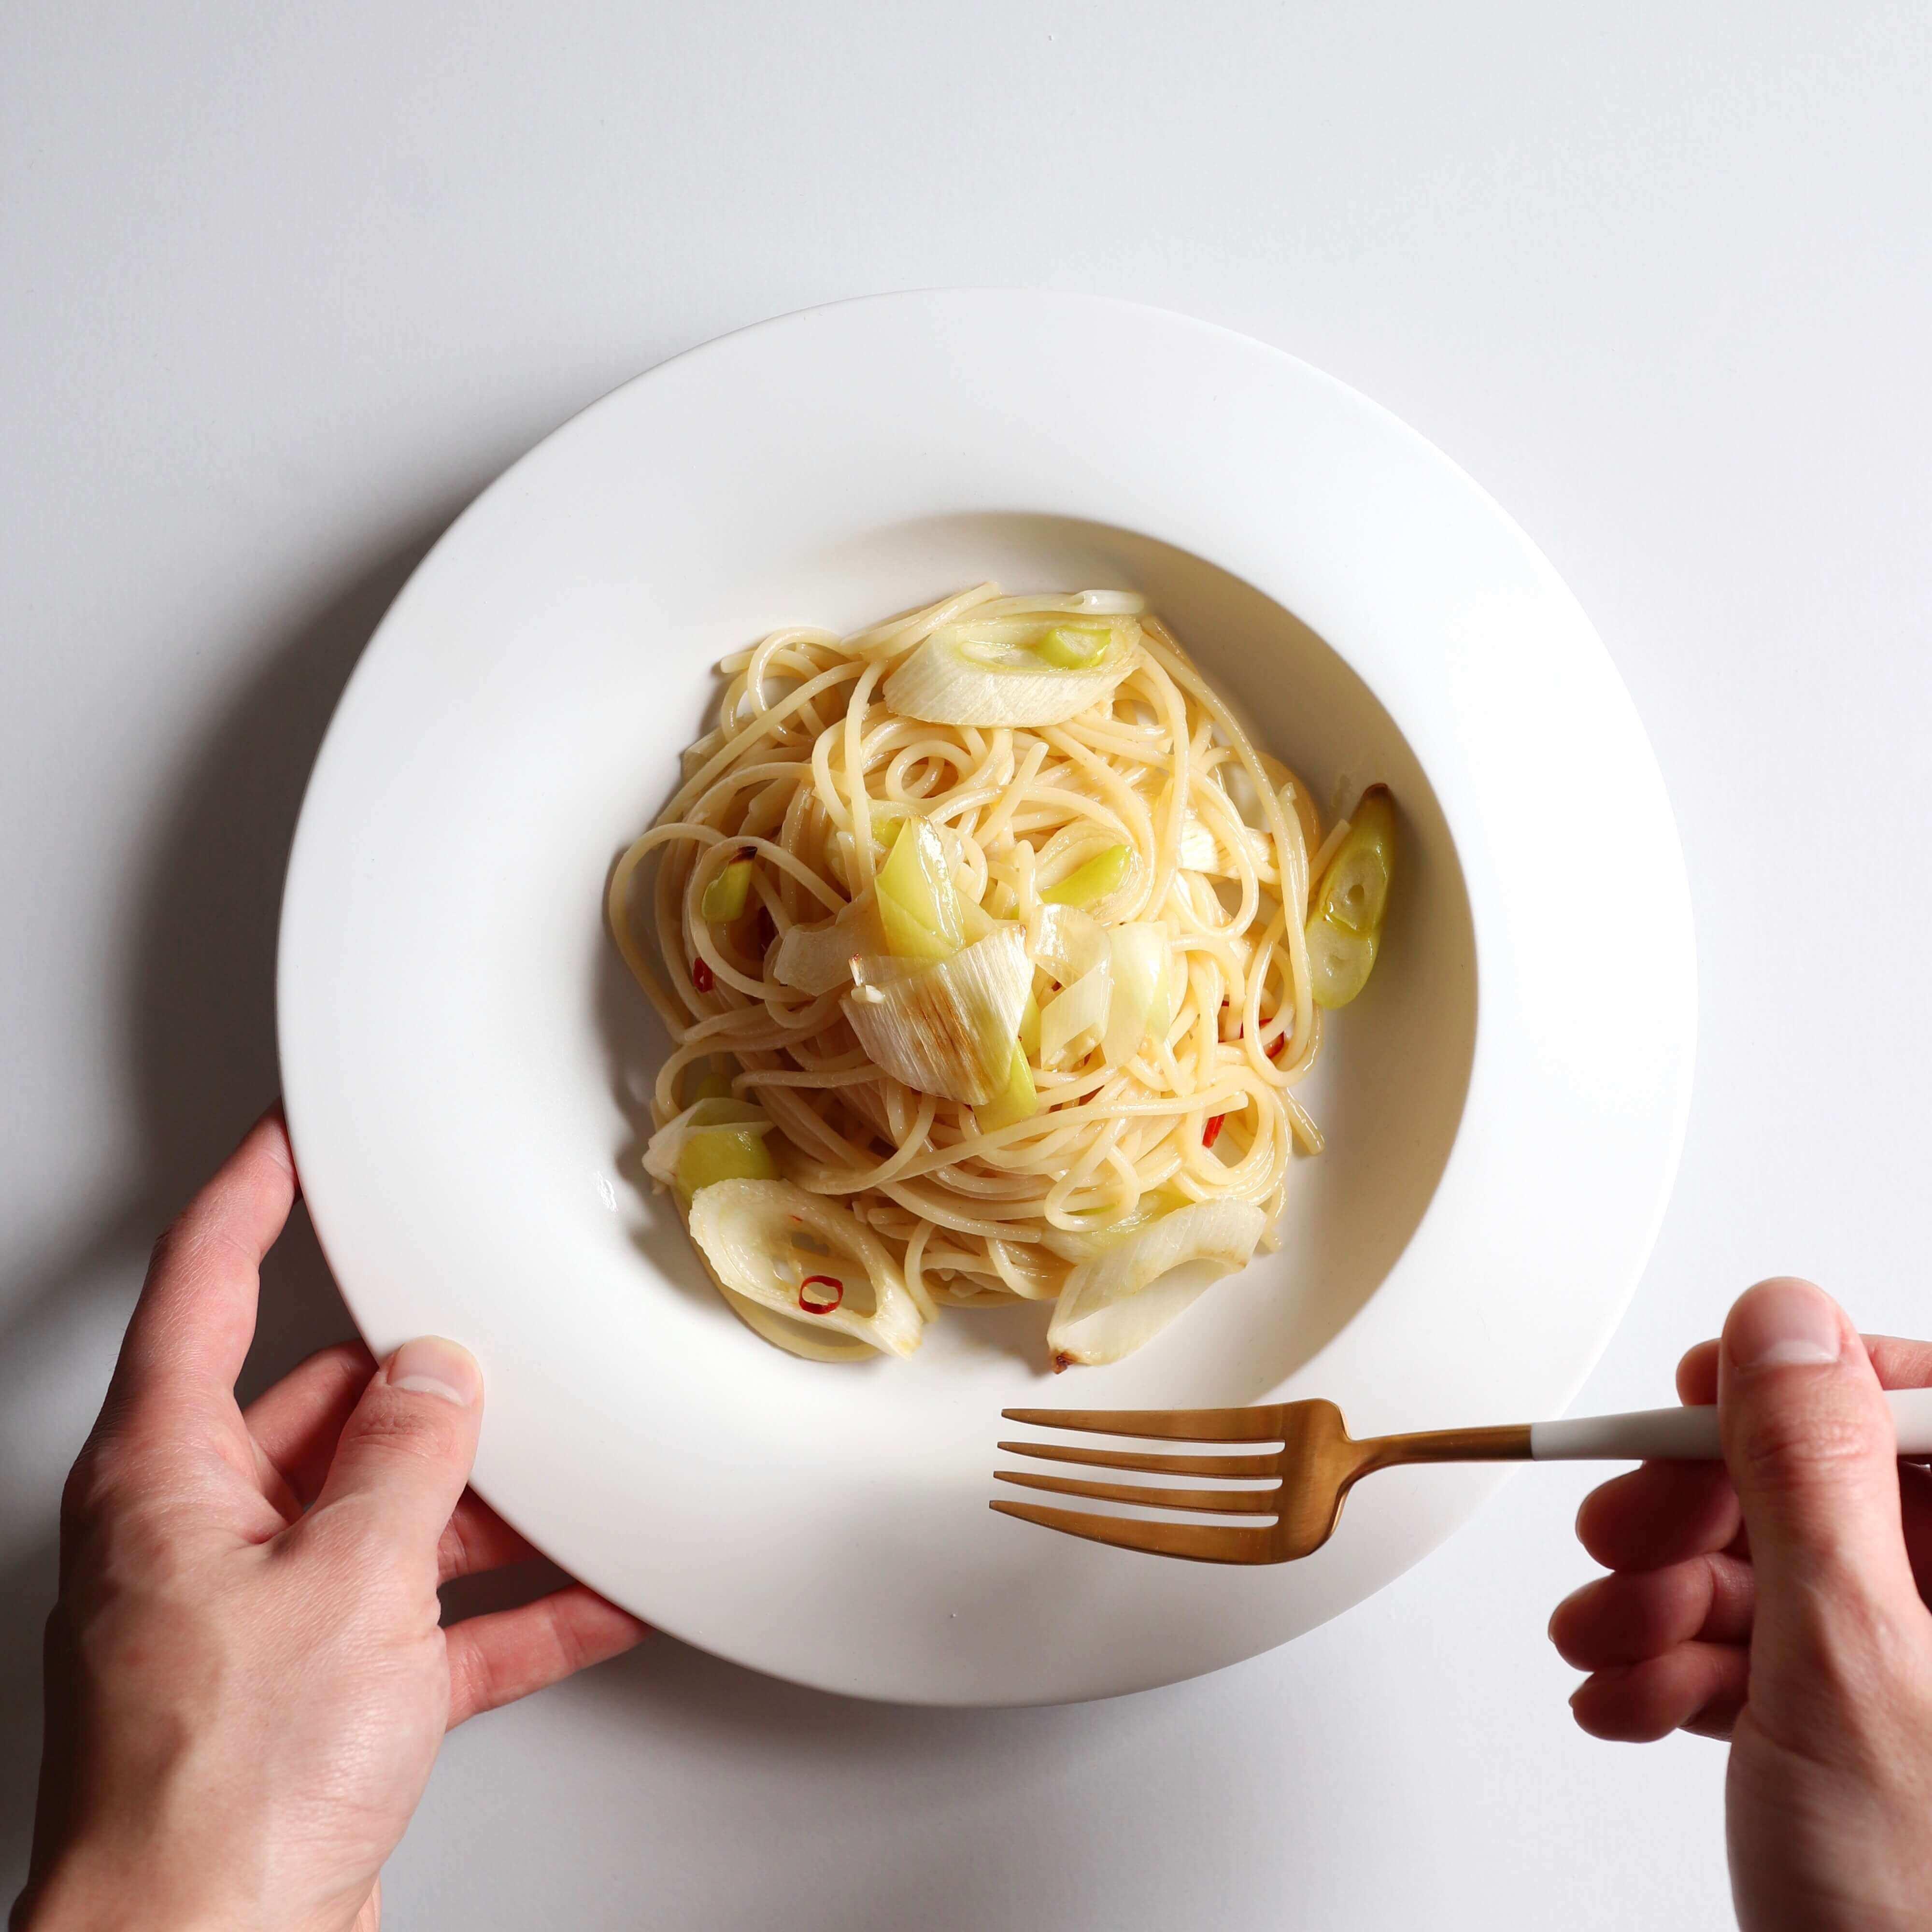 【トースターで簡単】千住葱のペペロンチーノのレシピ